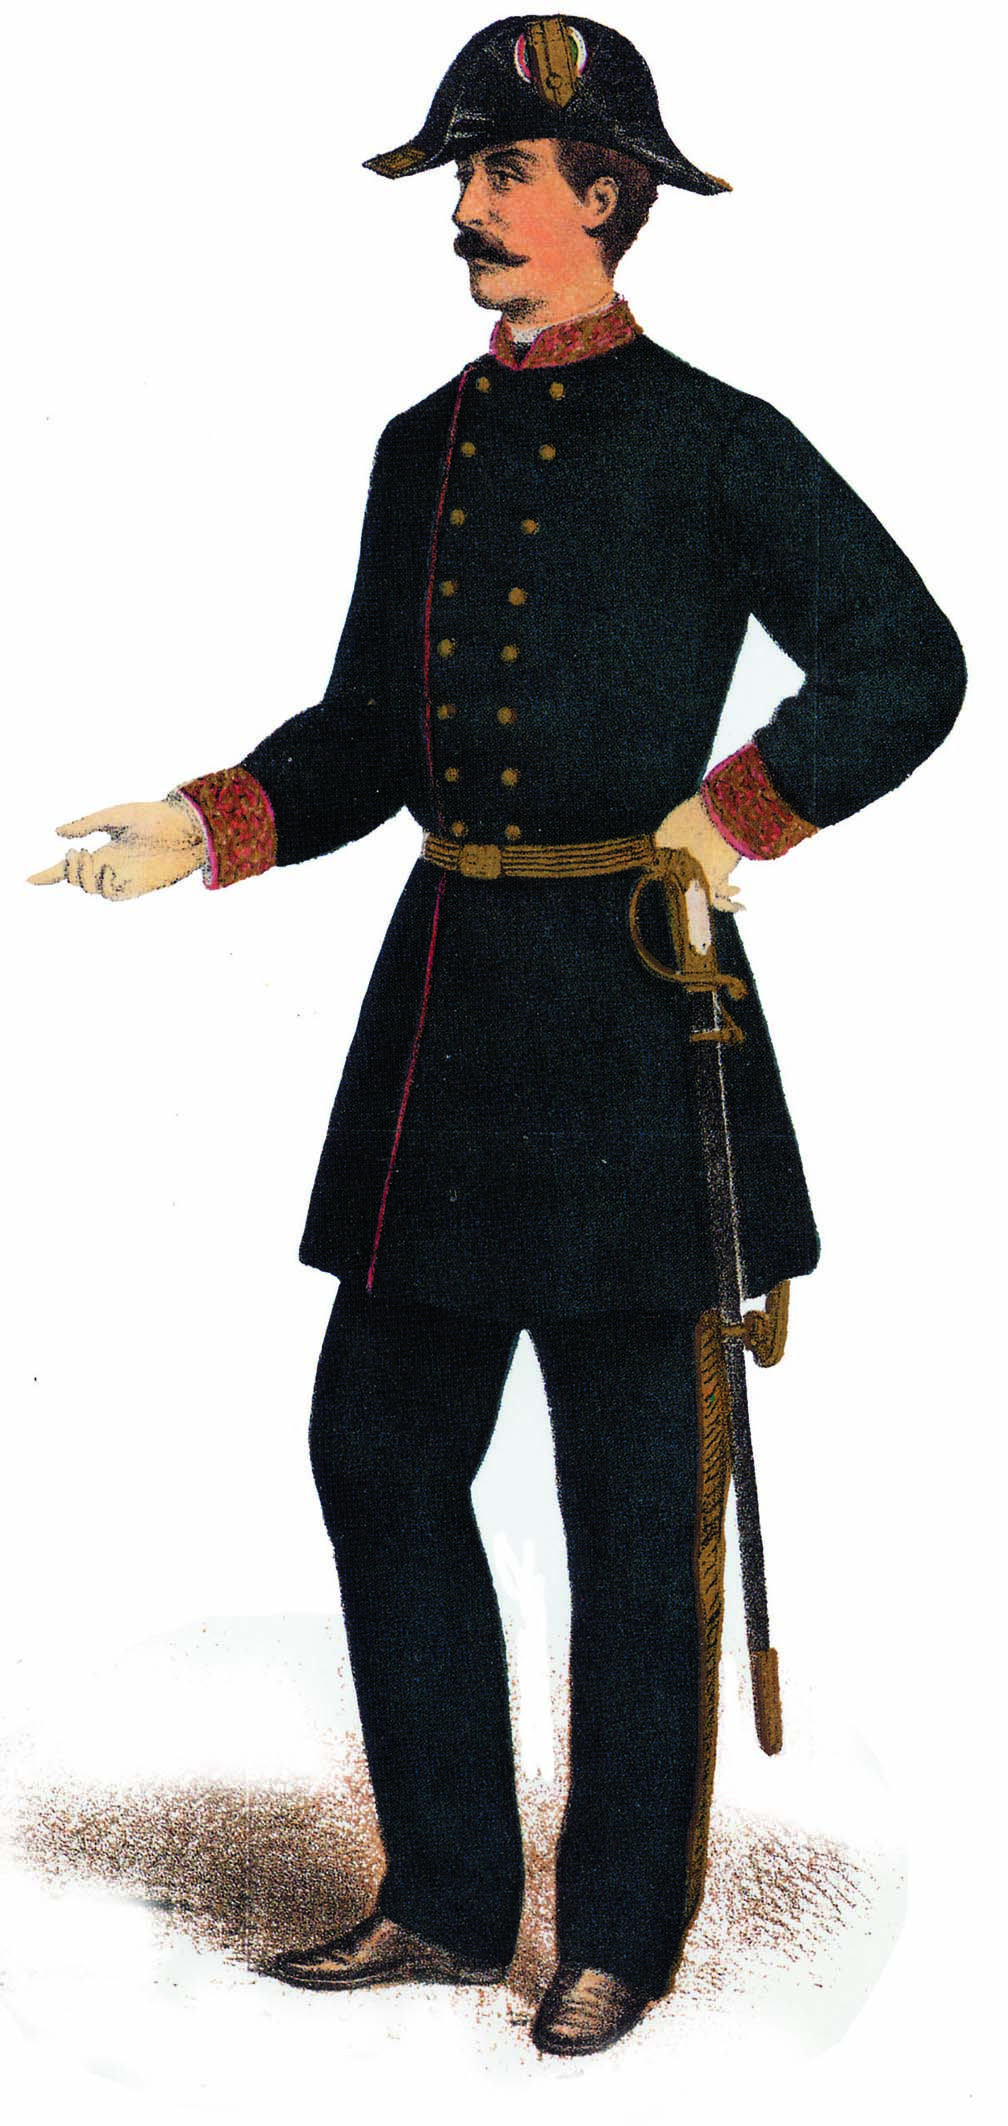 e l esercito e la chiesa anche le Poste avevano fino a met Novecento le proprie divise particolari con modelli ornati cifre e distintivi diversi per